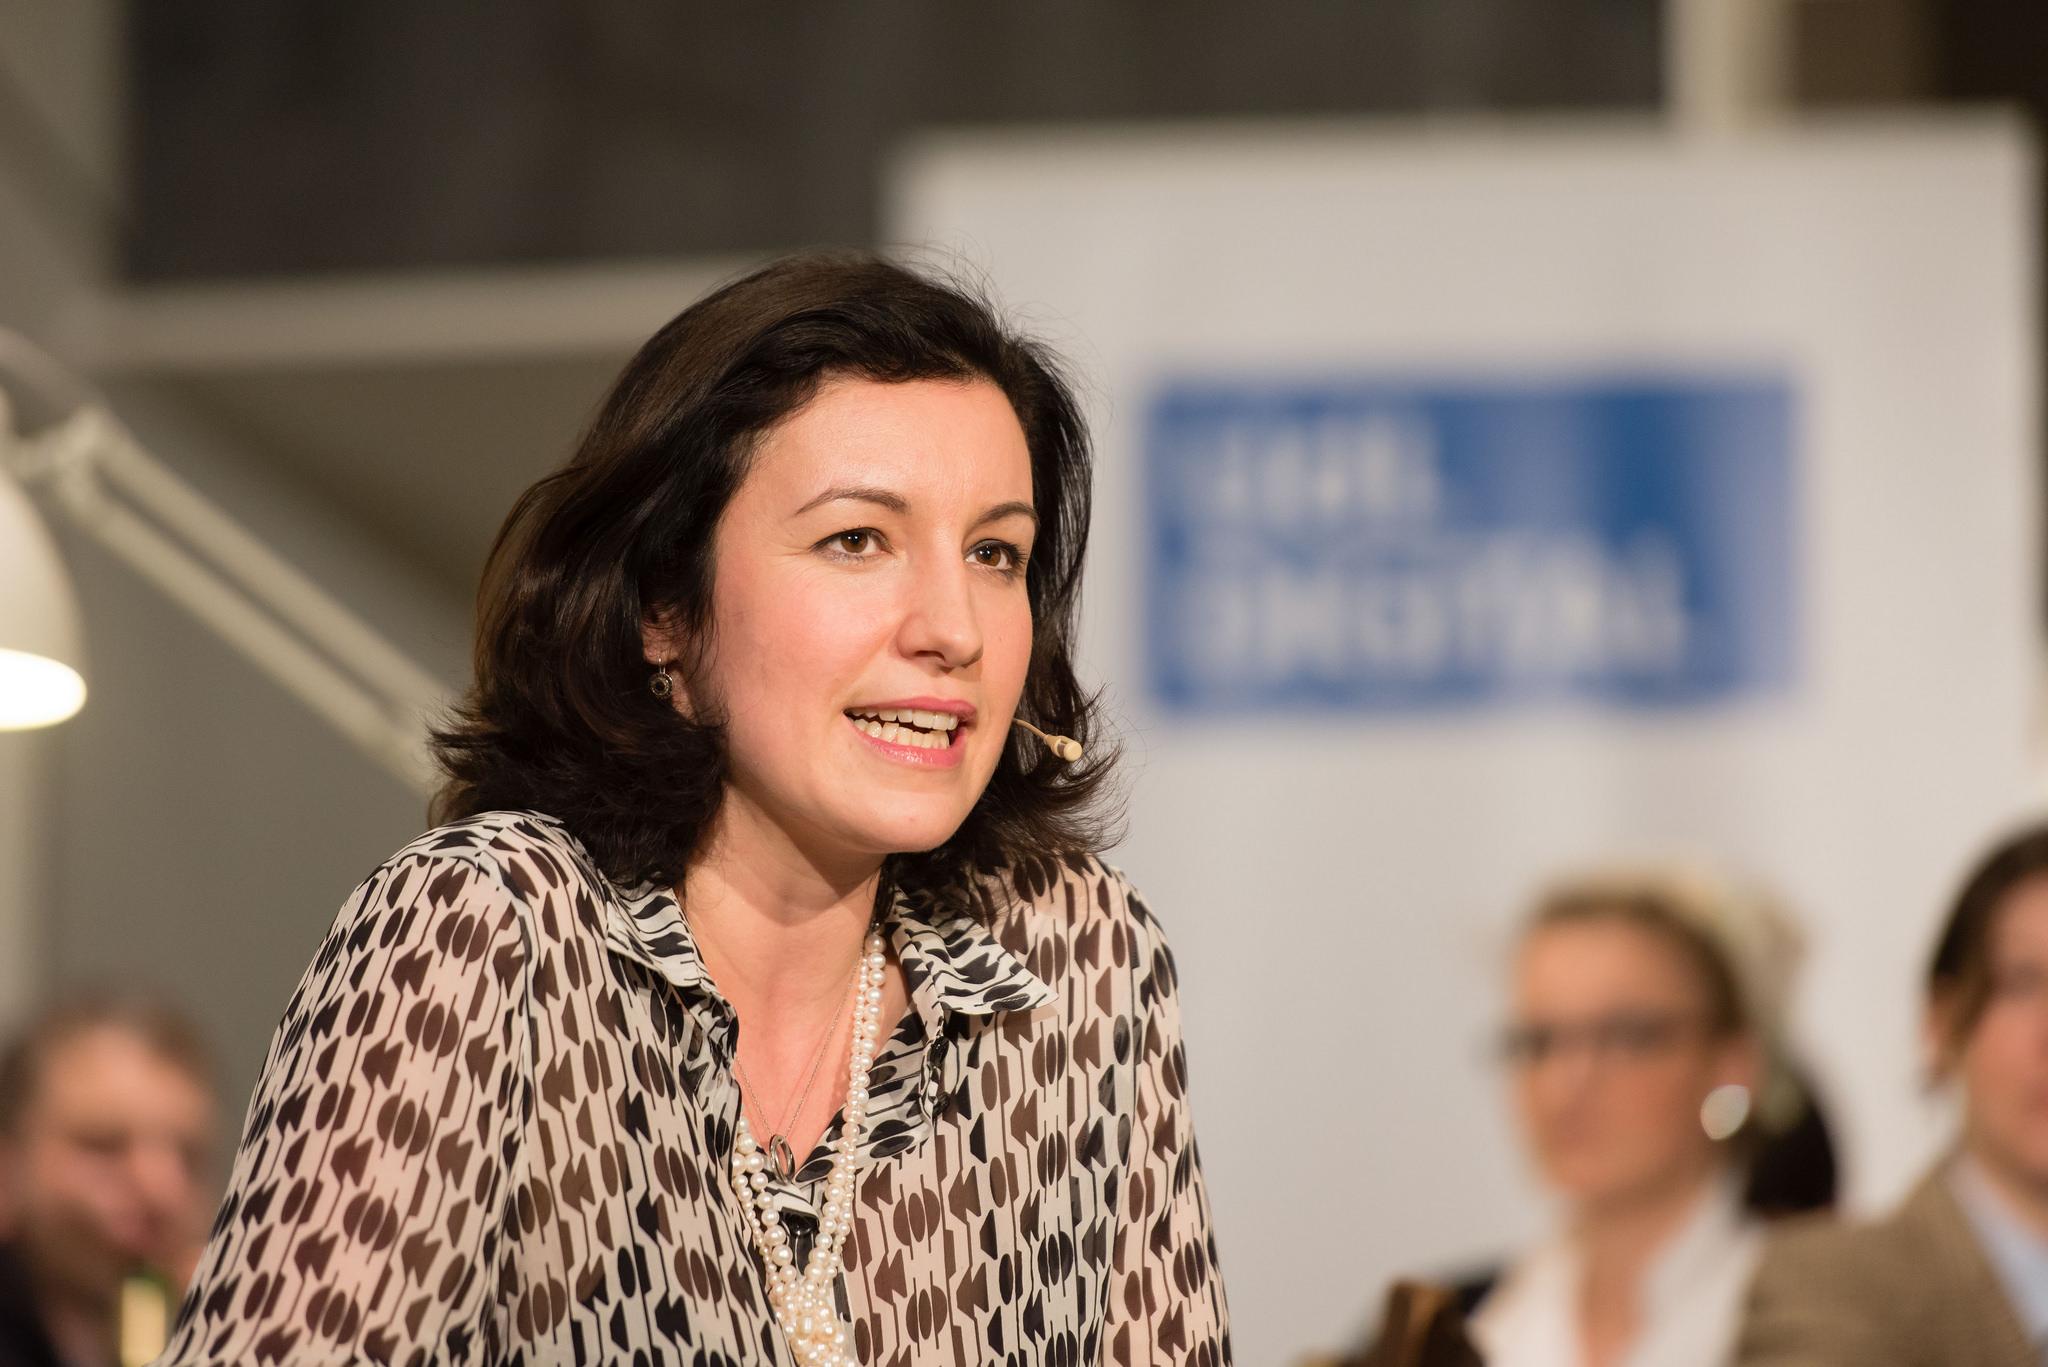 Bei piqd mit dabei: Dorothee Bär MdB, Parlamentarische Staatssekretärin